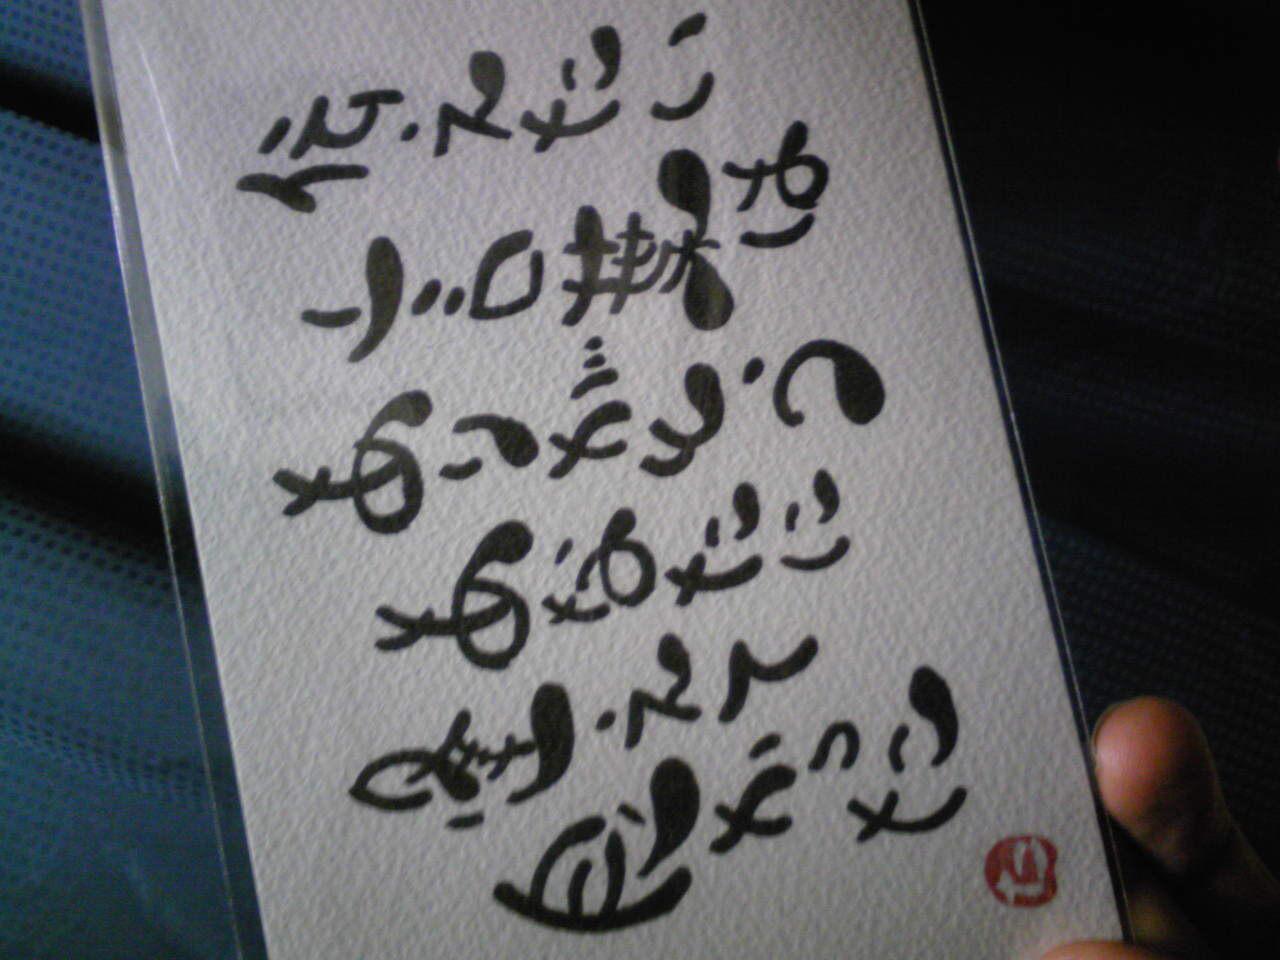 言葉。 昨日は例の如く、 西川たけし作品展「たけしの言葉」VOL7 のお手伝い...  ほったま